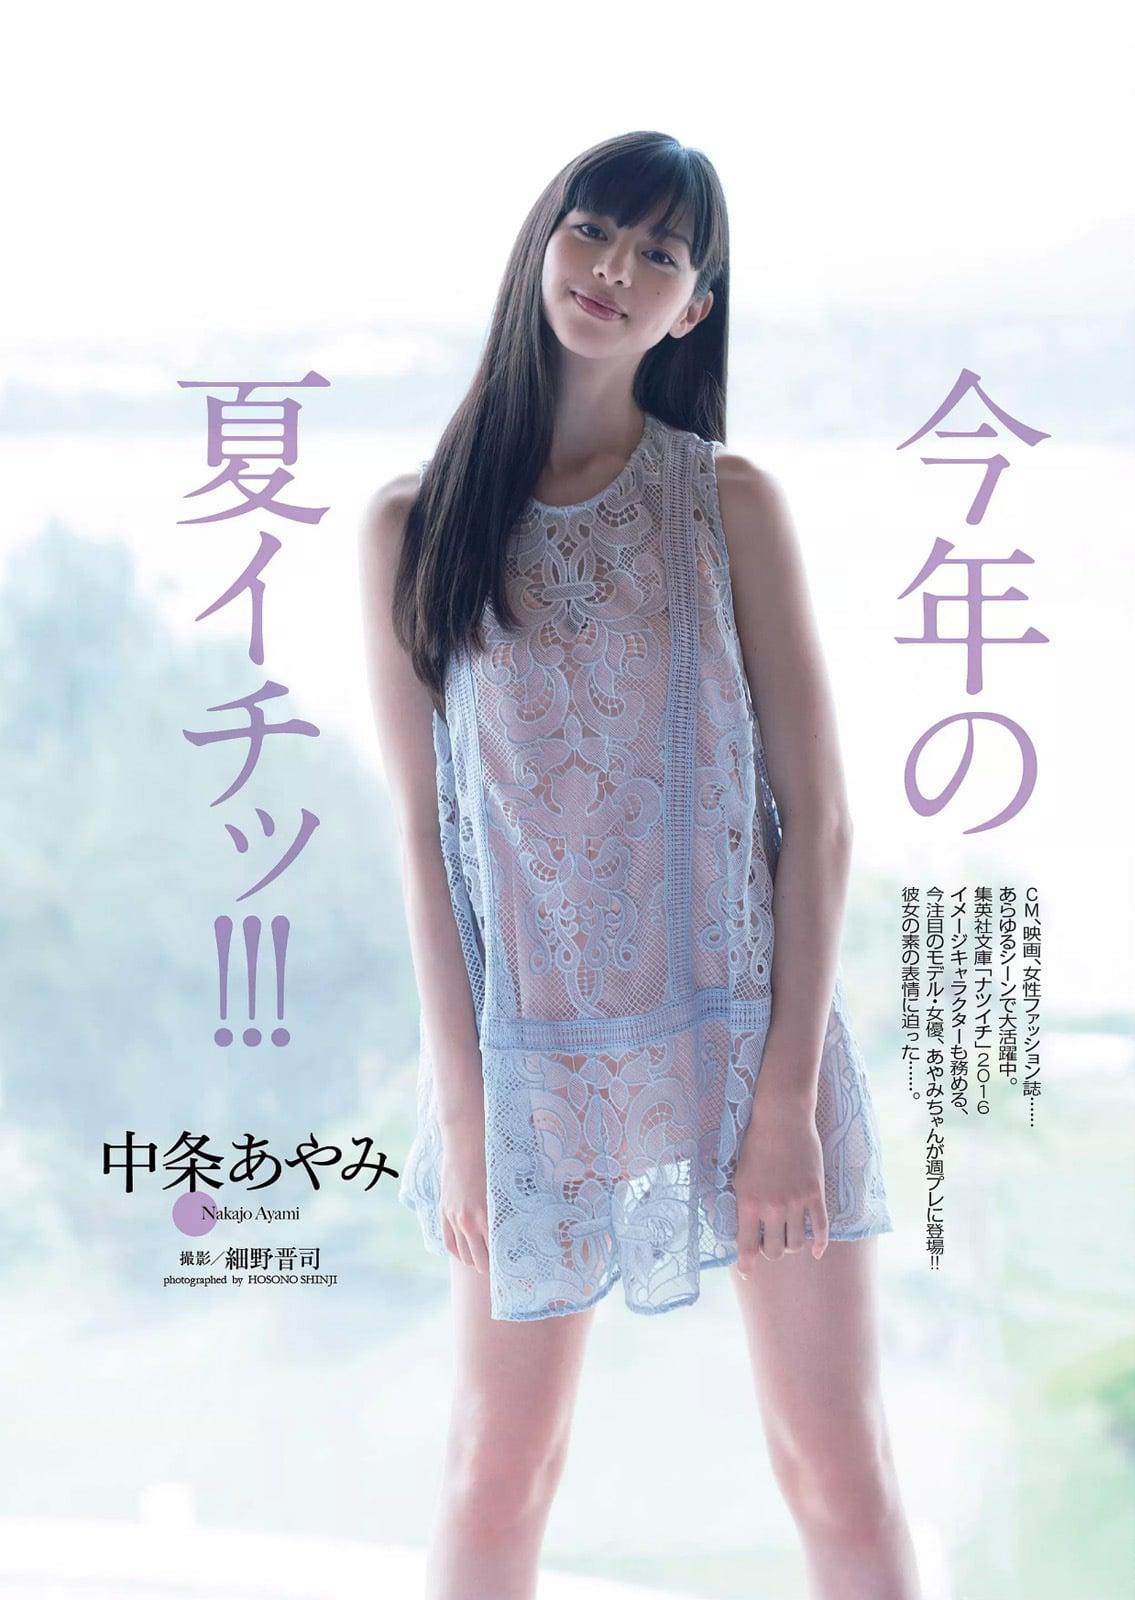 「週刊プレイボーイ 2016 No.31」中条あやみのミニスカートグラビア